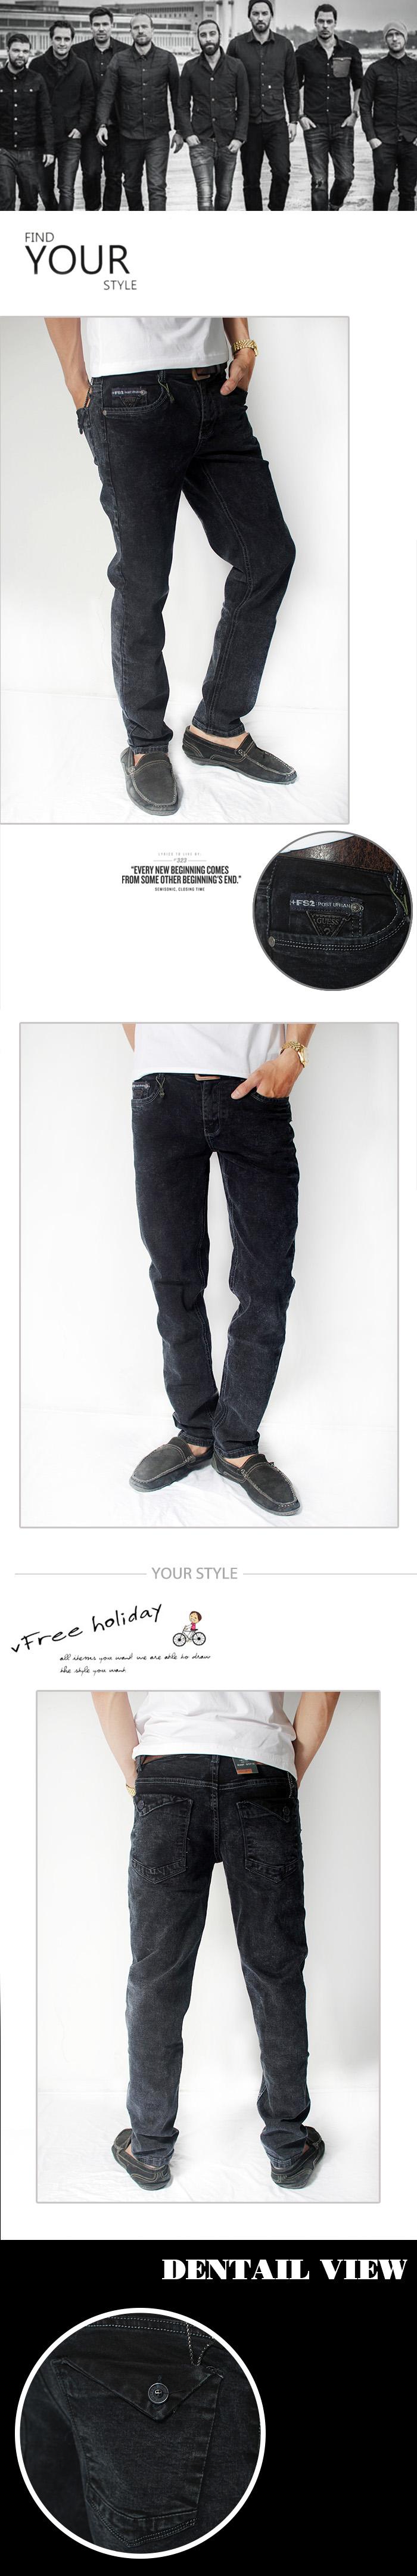 Quần jean xanh đen qj1154 - 1